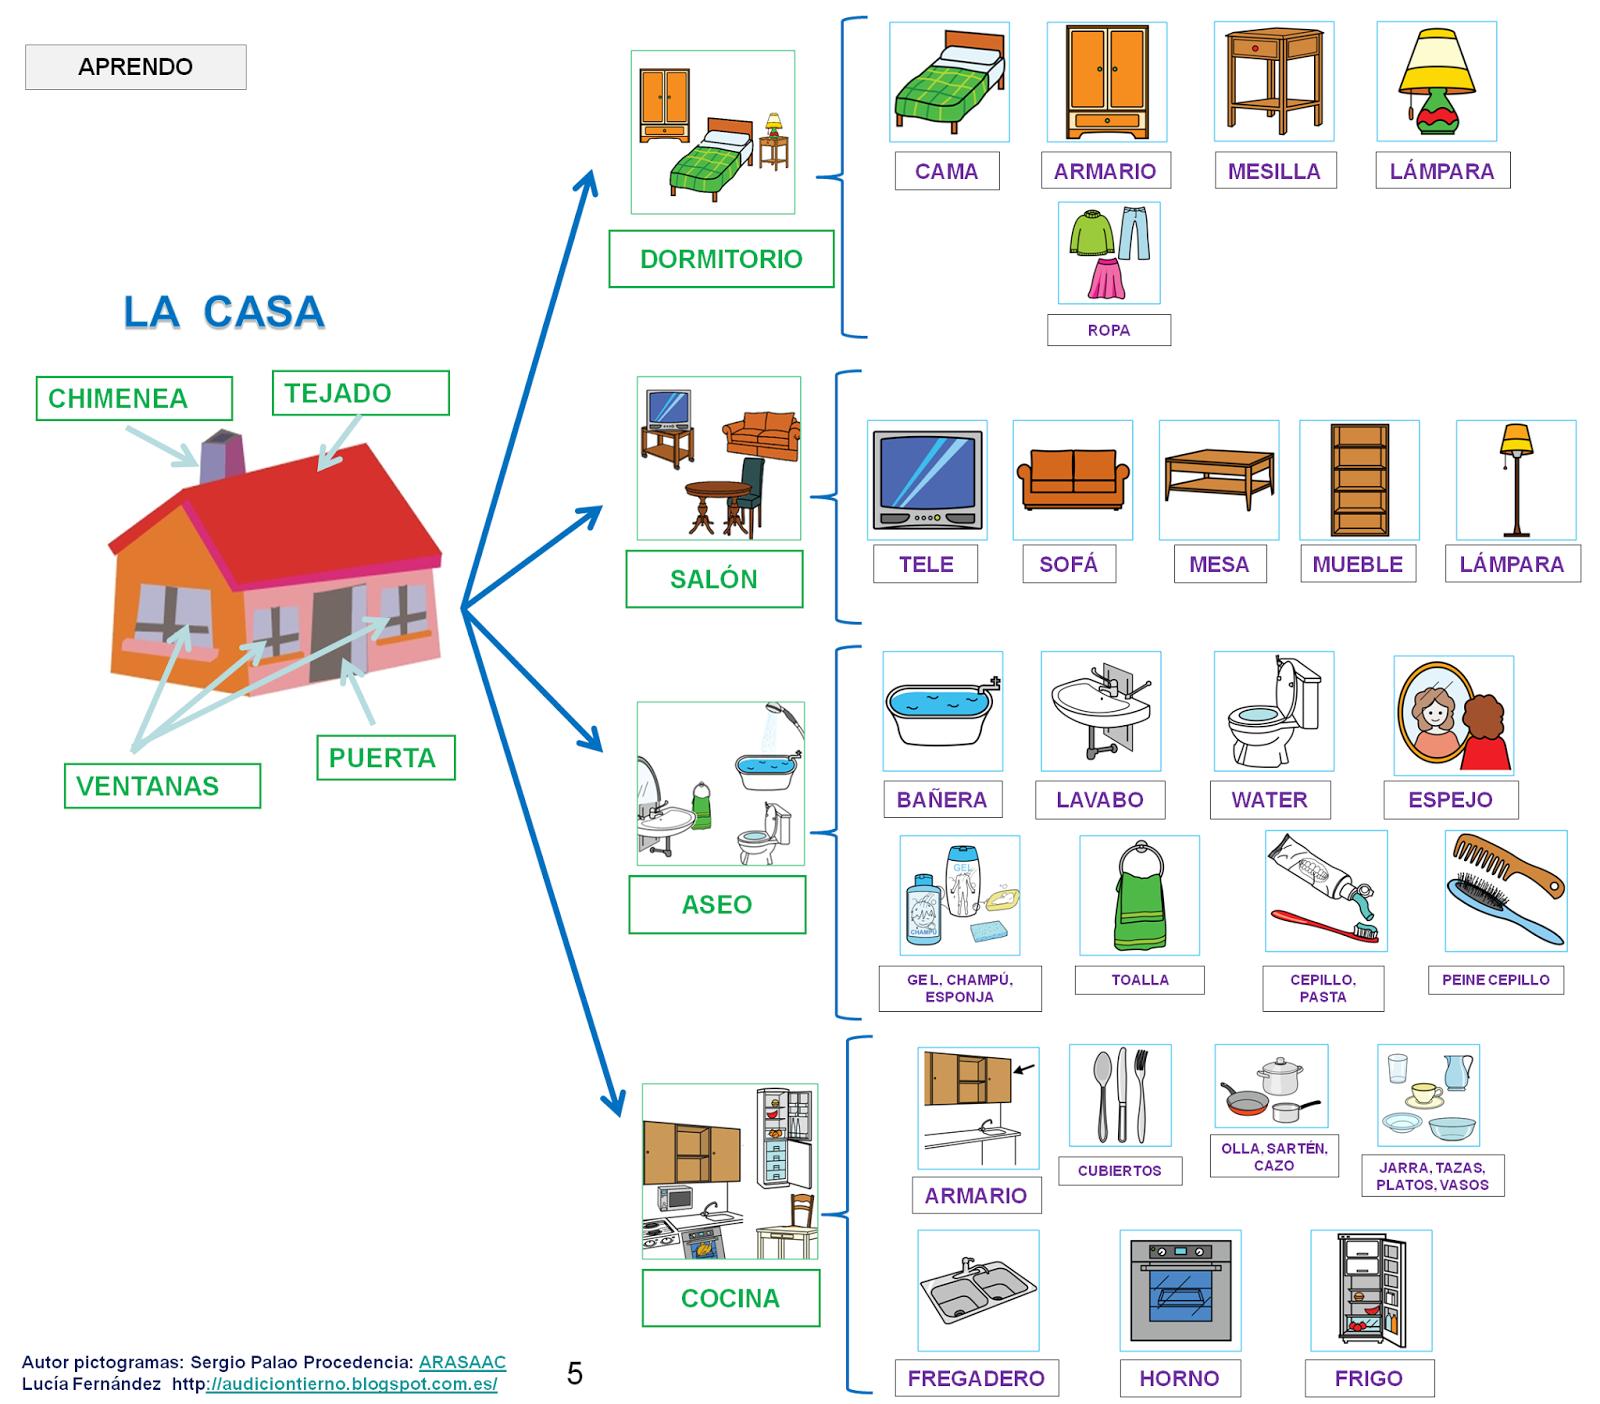 Audici n y lenguaje proyecto donde vivo calle casa - Proyectos de casas ...